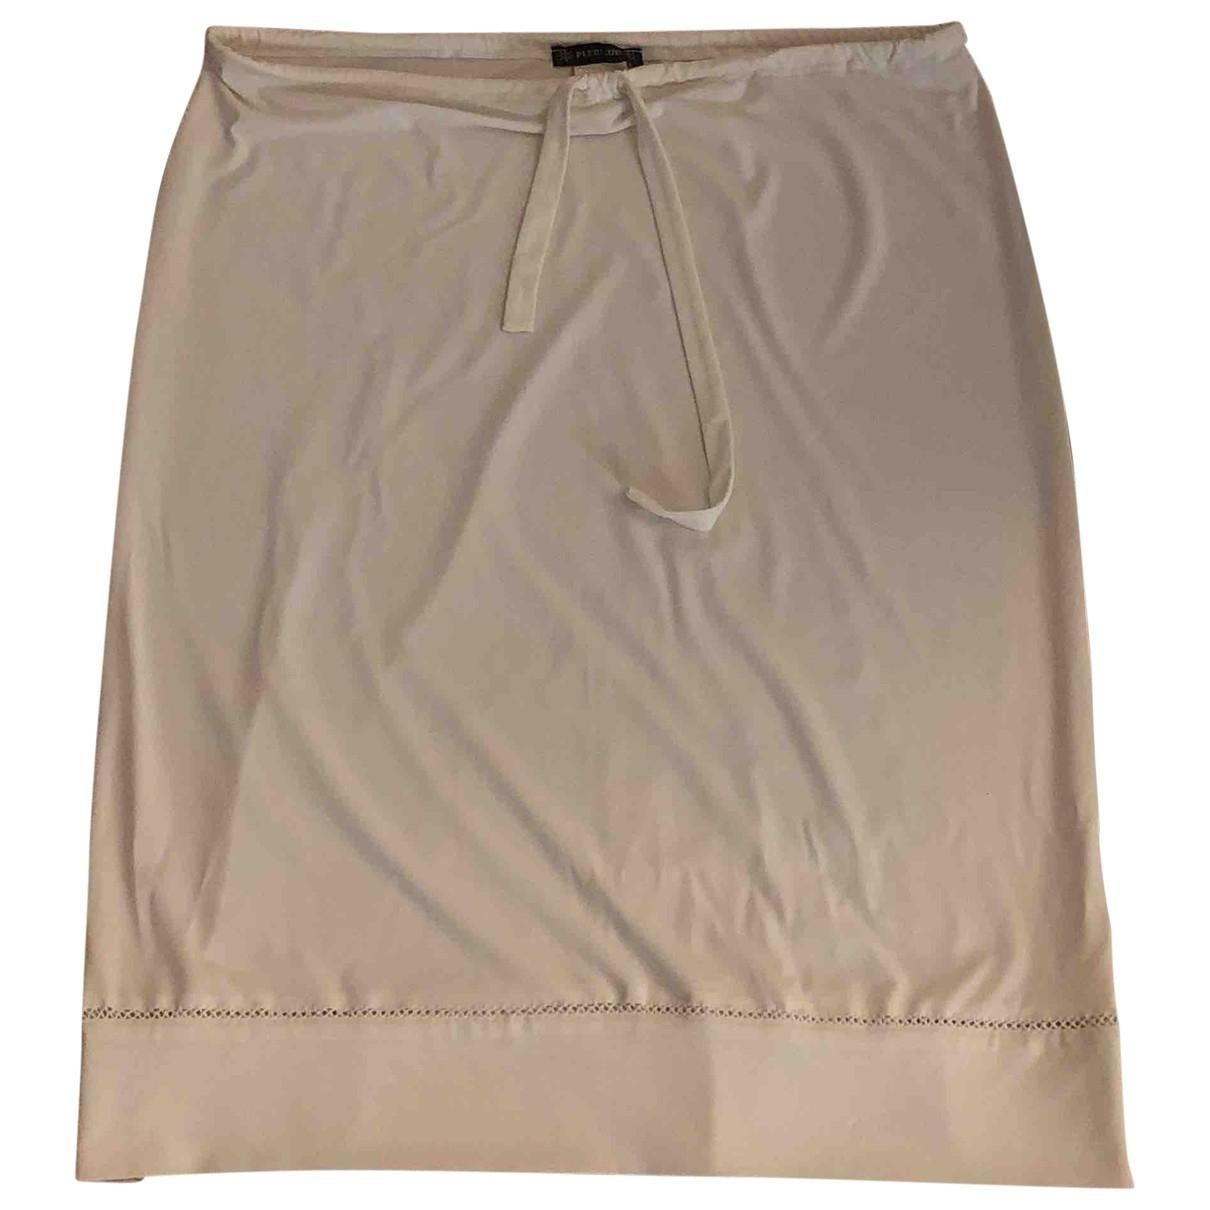 Plein Sud \N White skirt for Women 38 FR